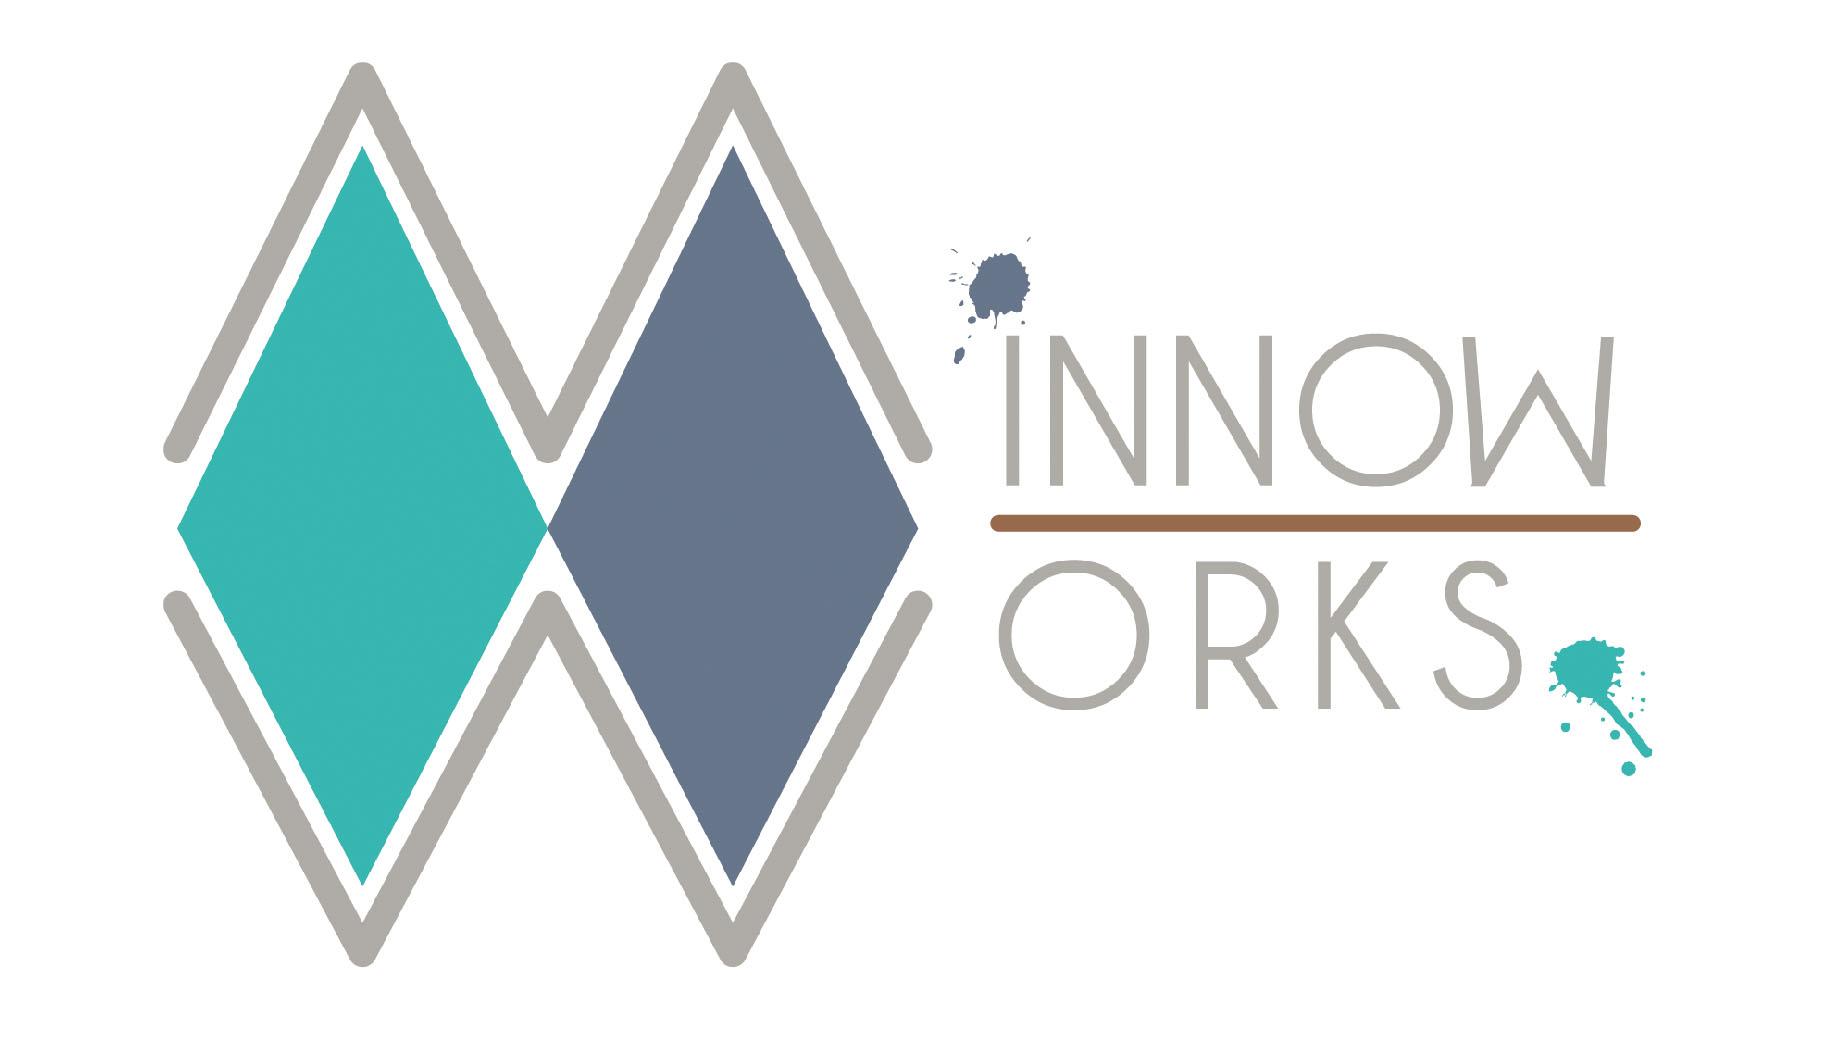 MinnowWorks_Bespoke_logo_Design_Update4.jpg